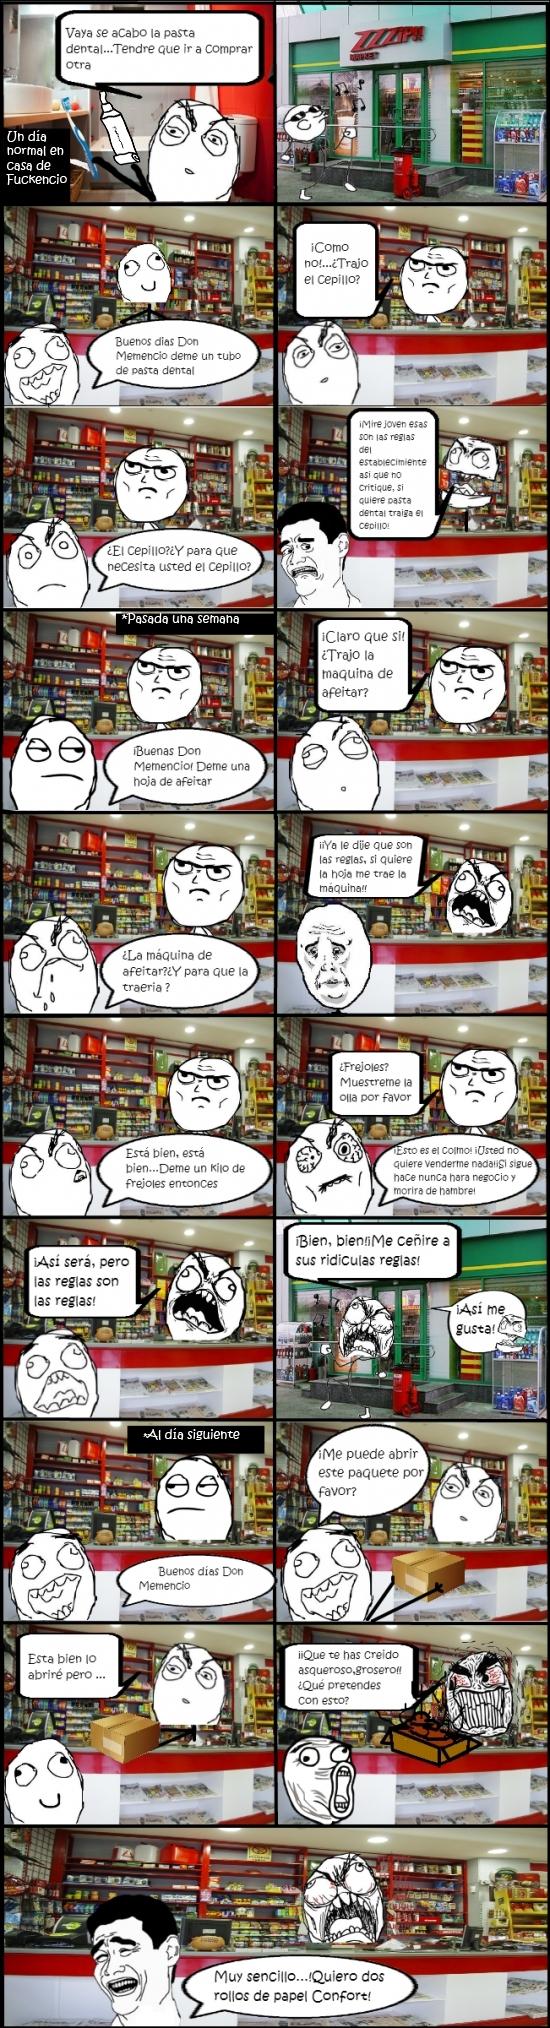 Yao - A trollear a una tienda se ha dicho